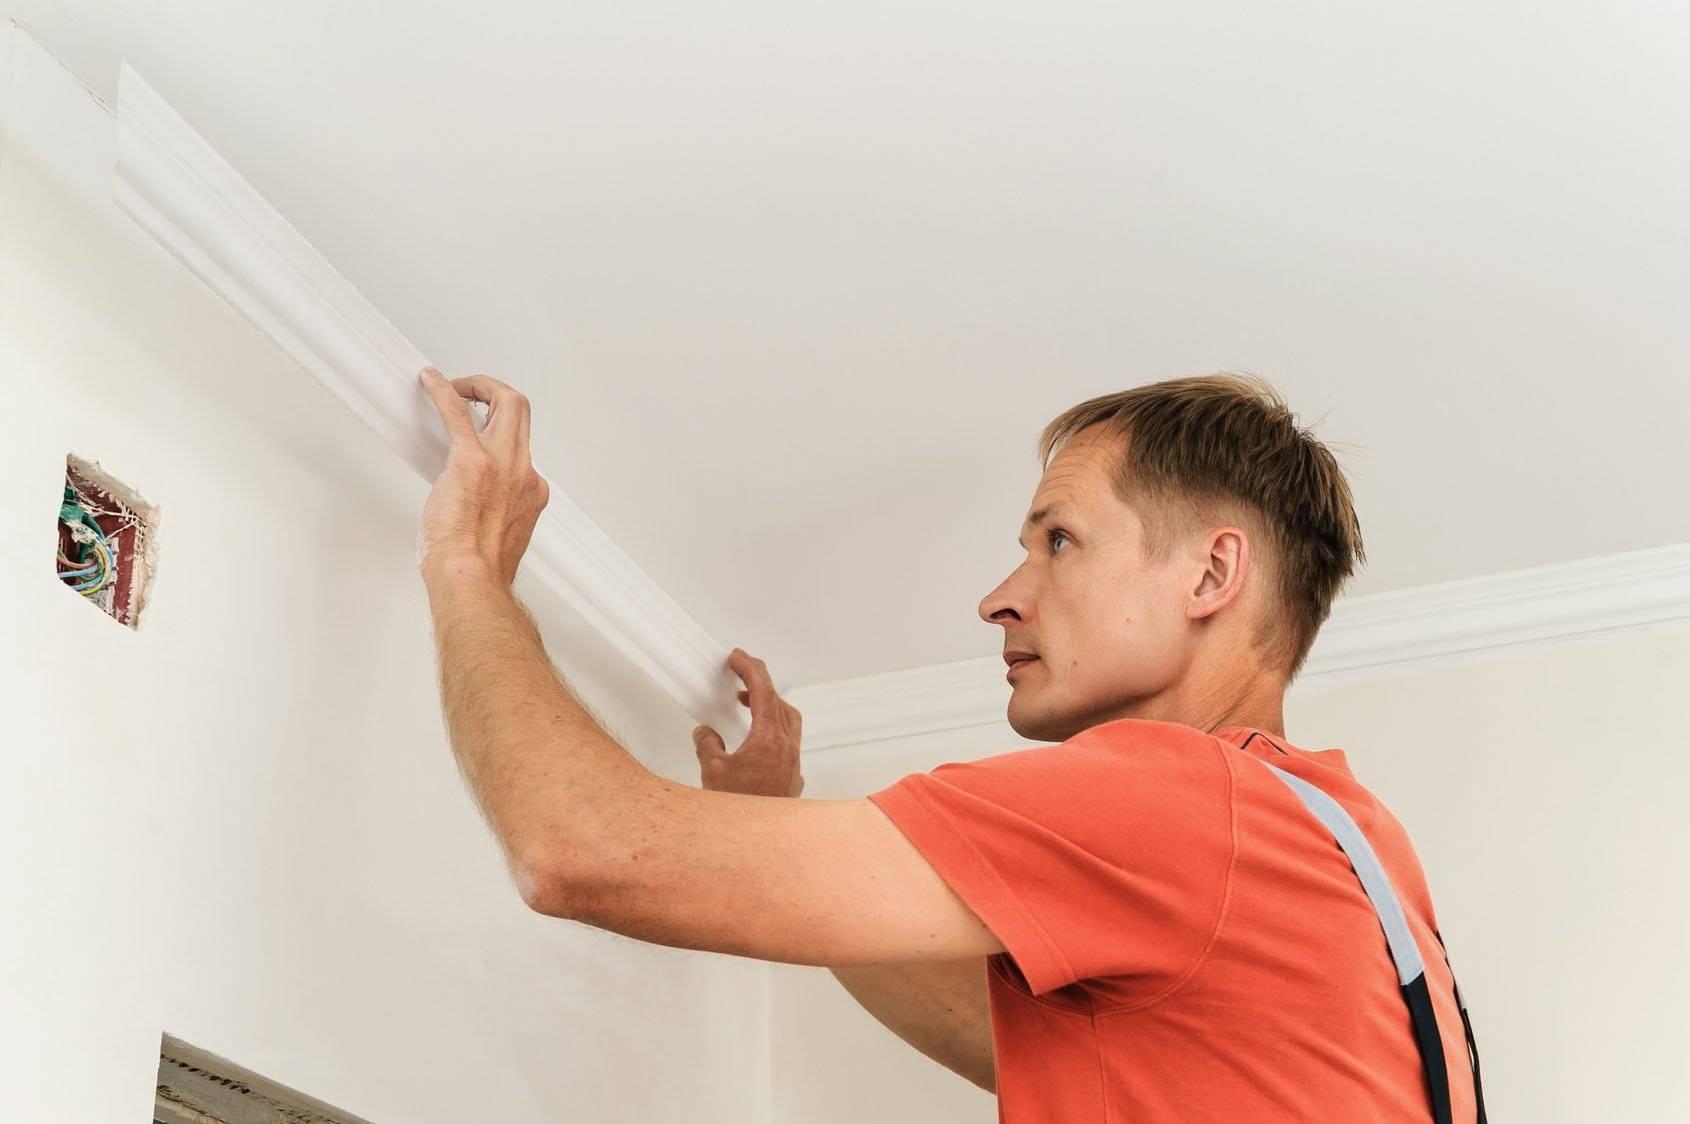 Натяжные потолки: цена за 1м2 с установкой и работой, своими руками монтаж